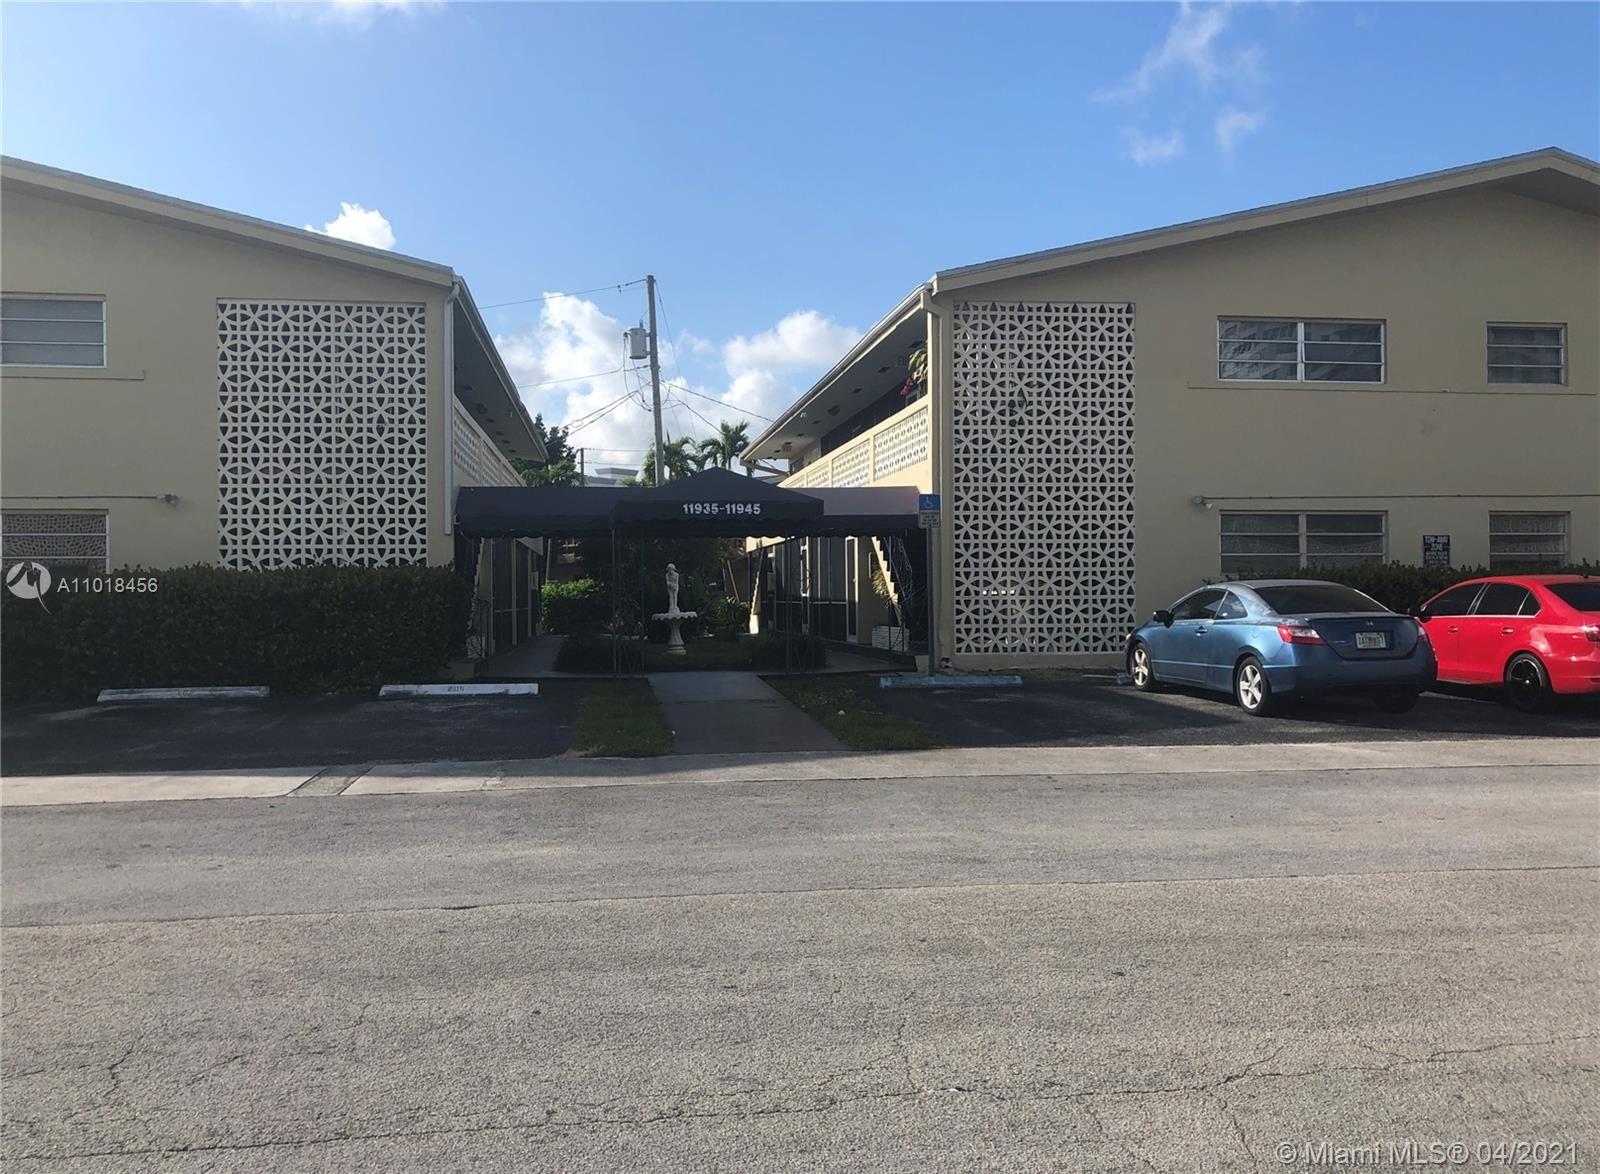 11945 NE 19th Dr #3, North Miami, FL 33181 - #: A11018456